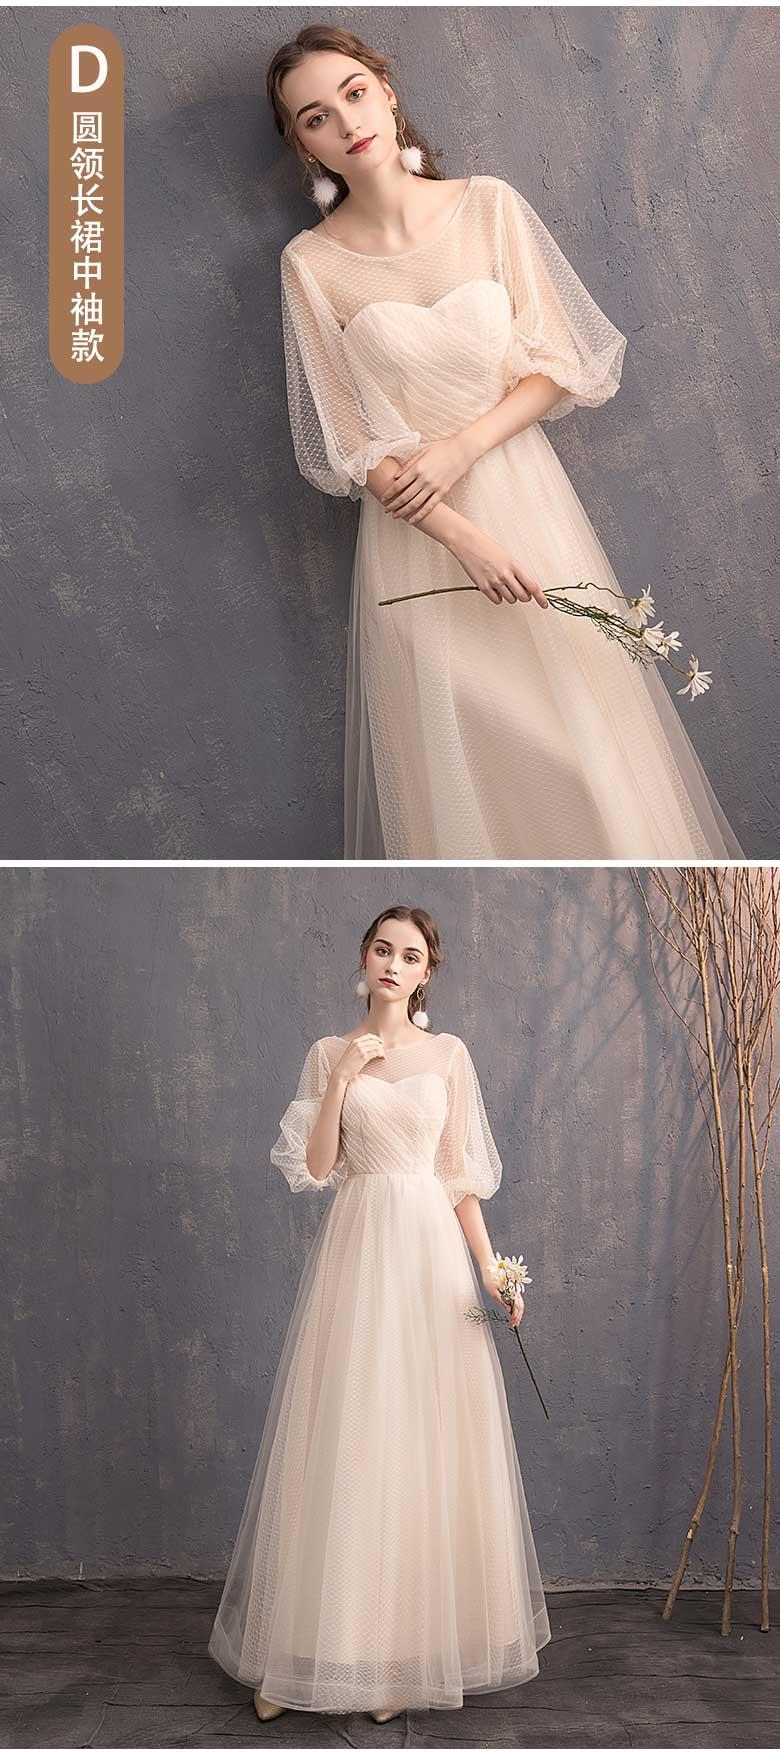 香槟色优雅长款显瘦气质伴娘服